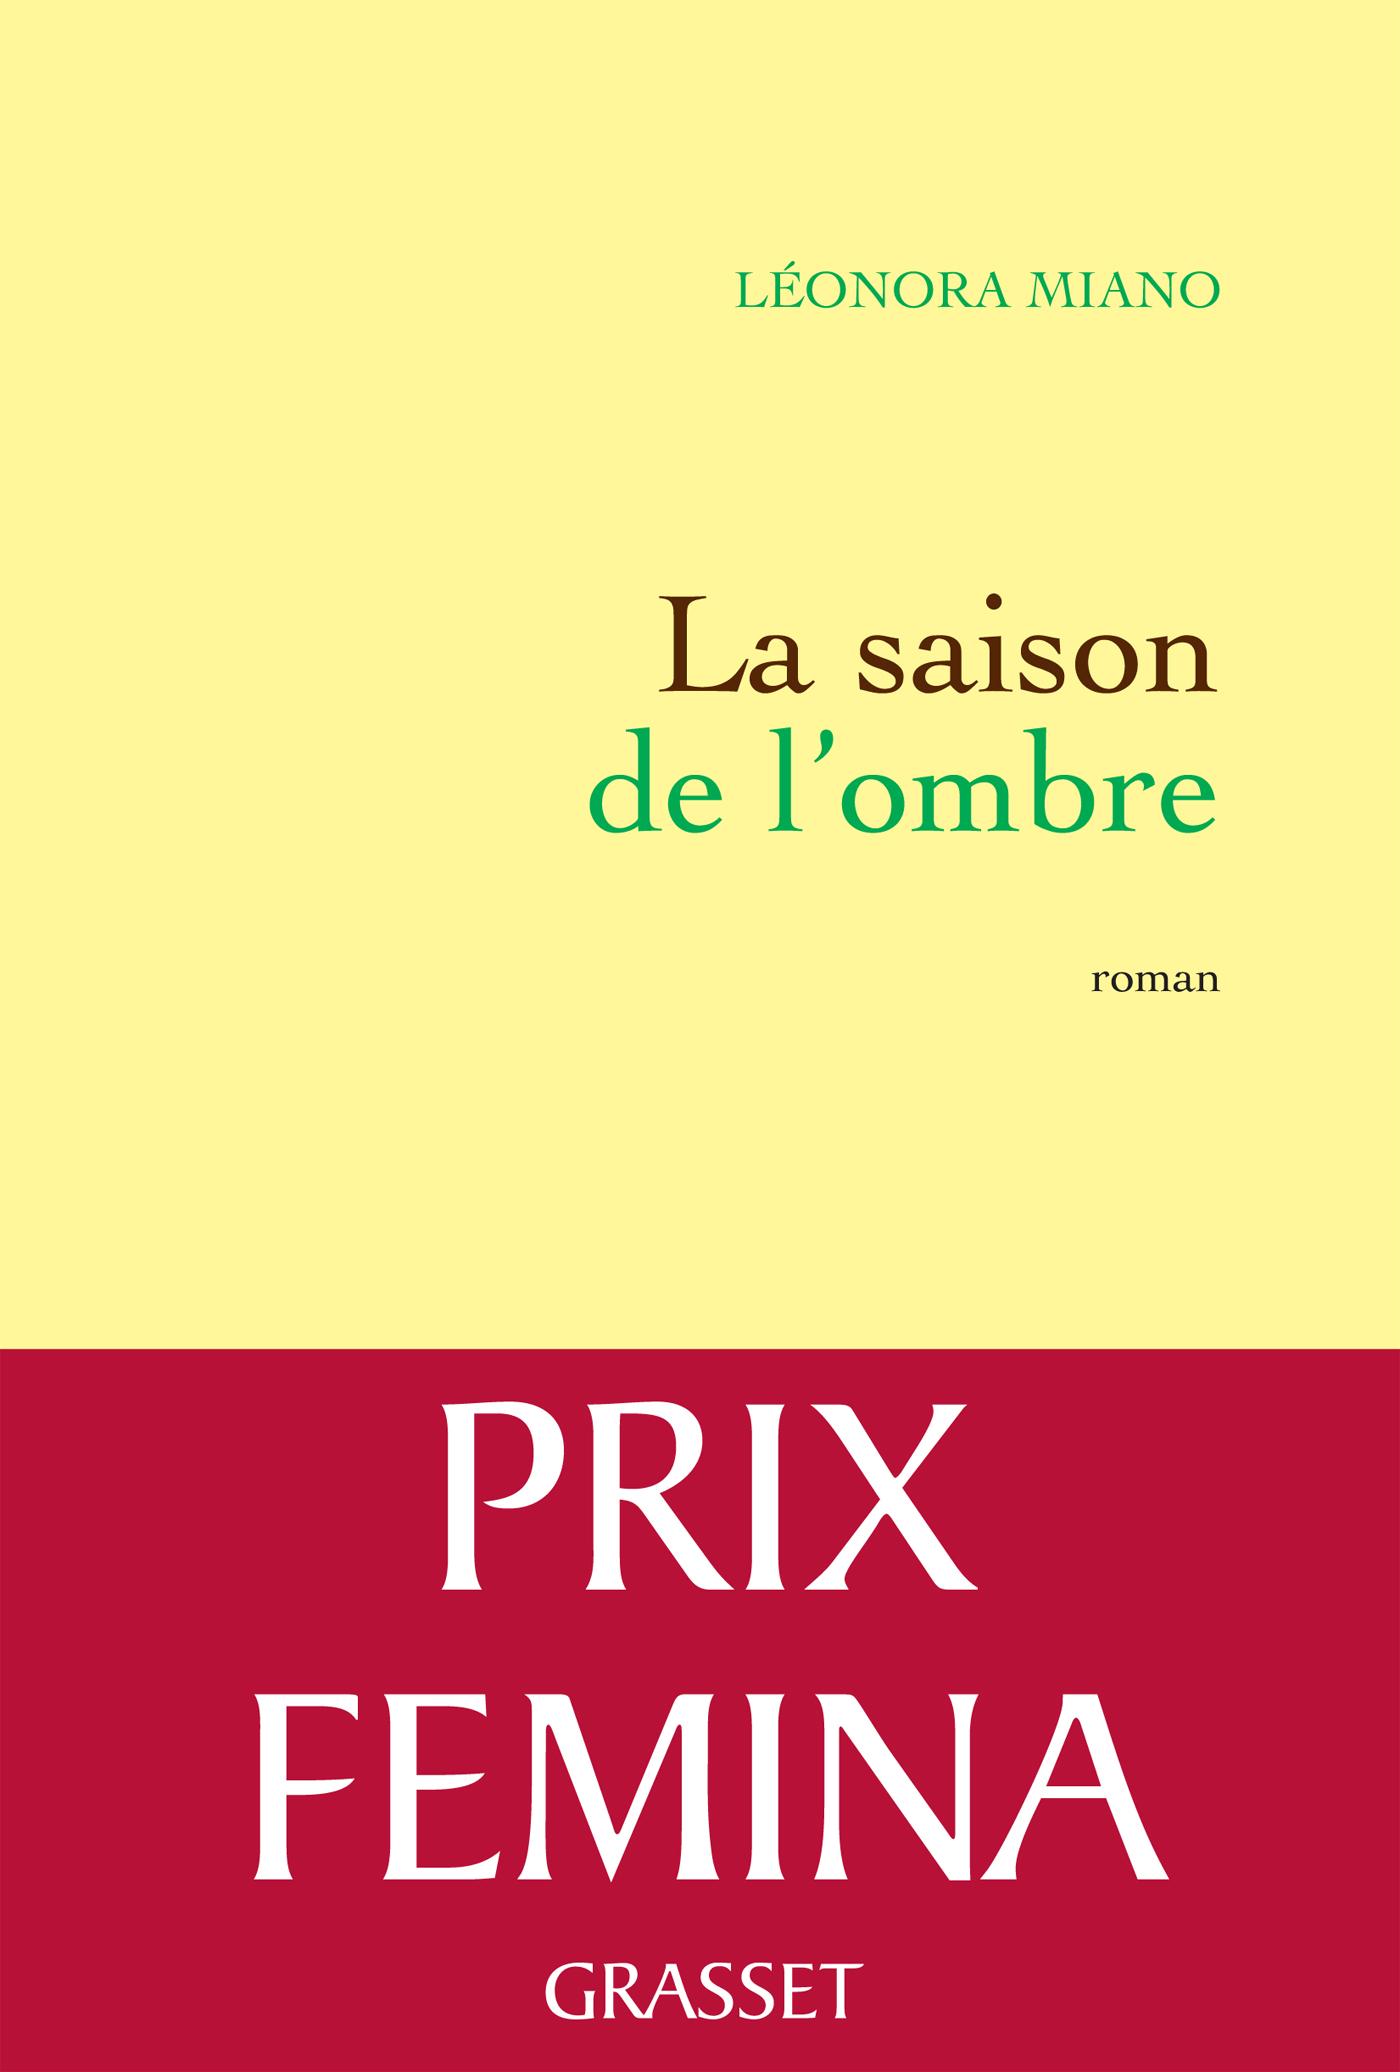 La saison de l'ombre | Miano, Leonora. Auteur